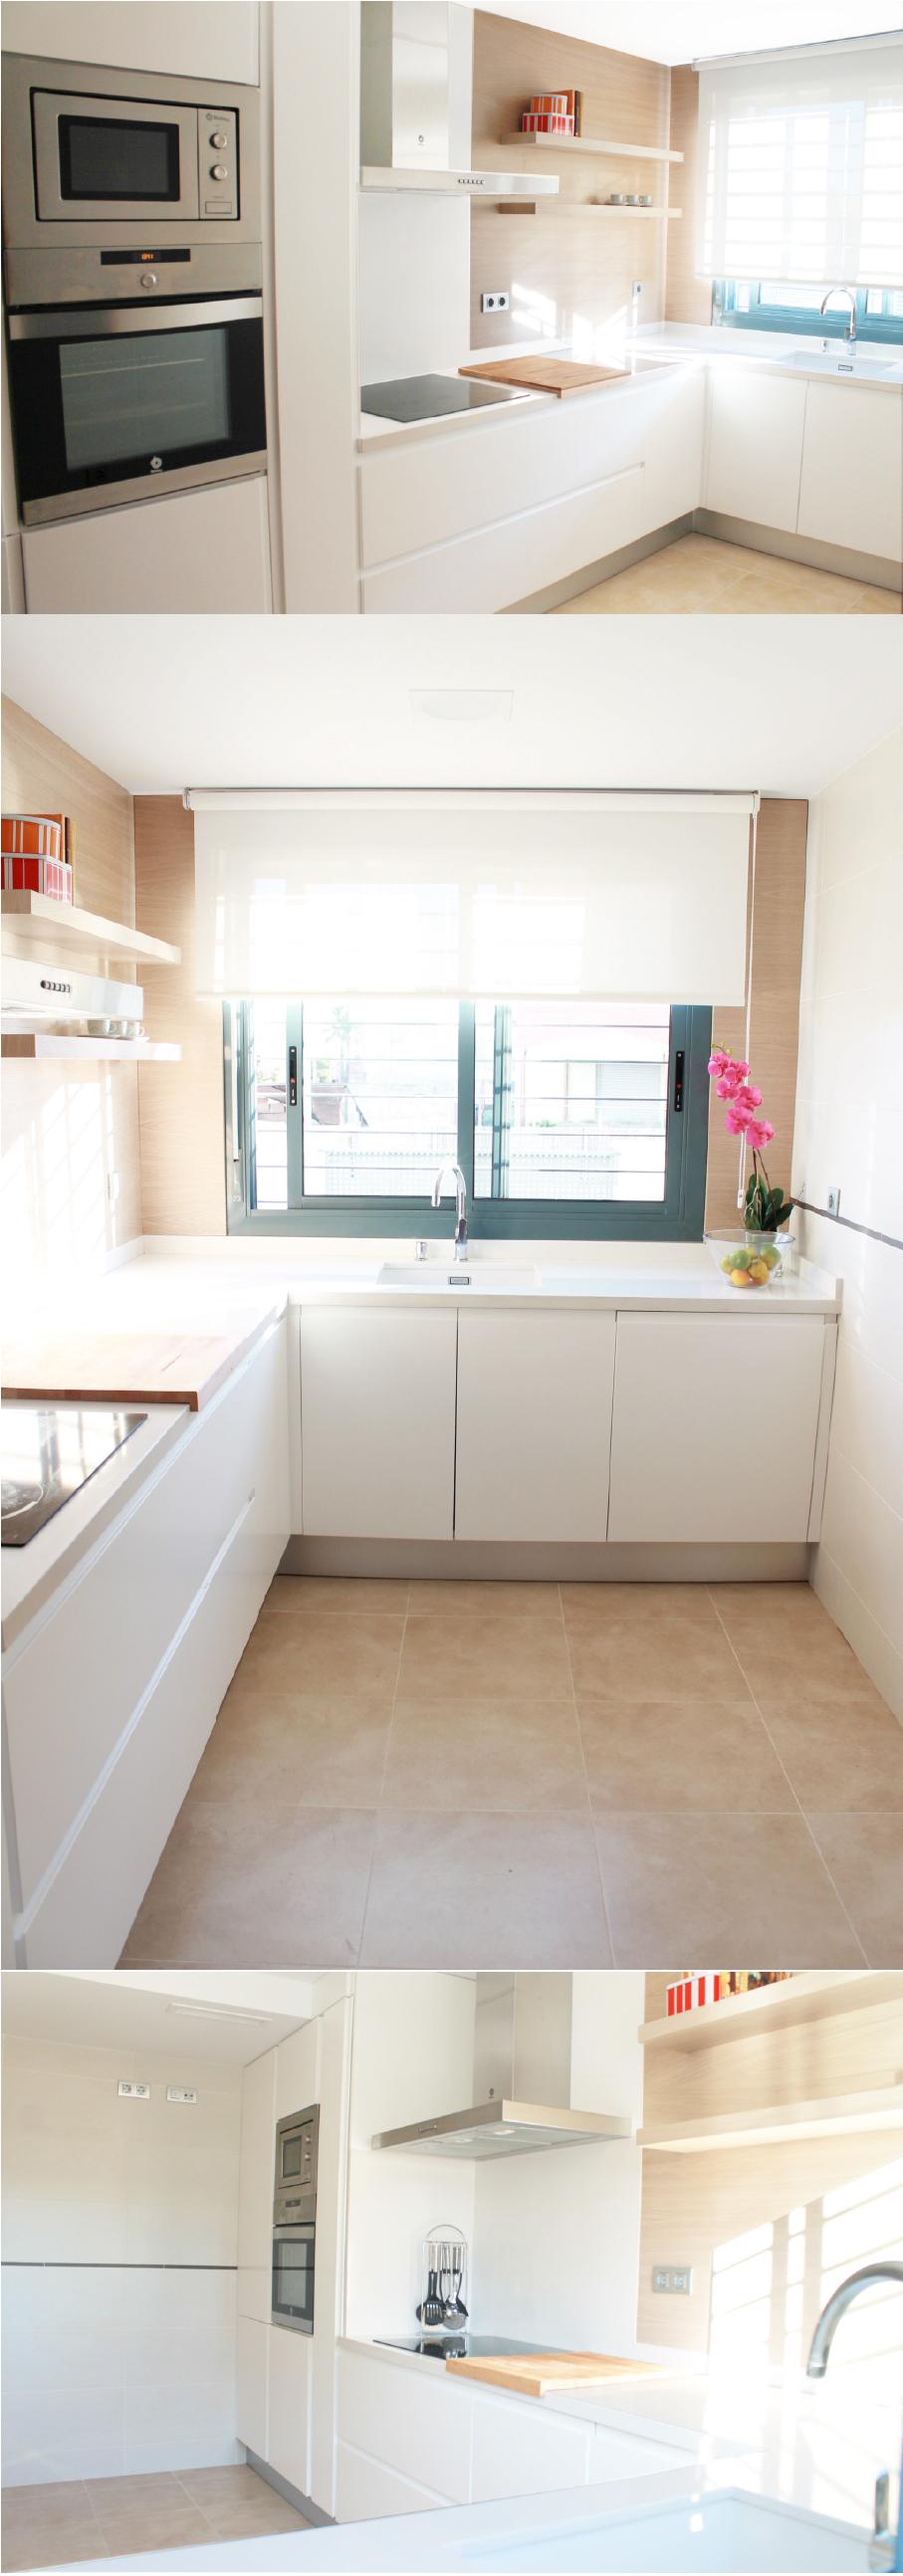 La casa de miguel cocina alarca - La cocina en casa ...